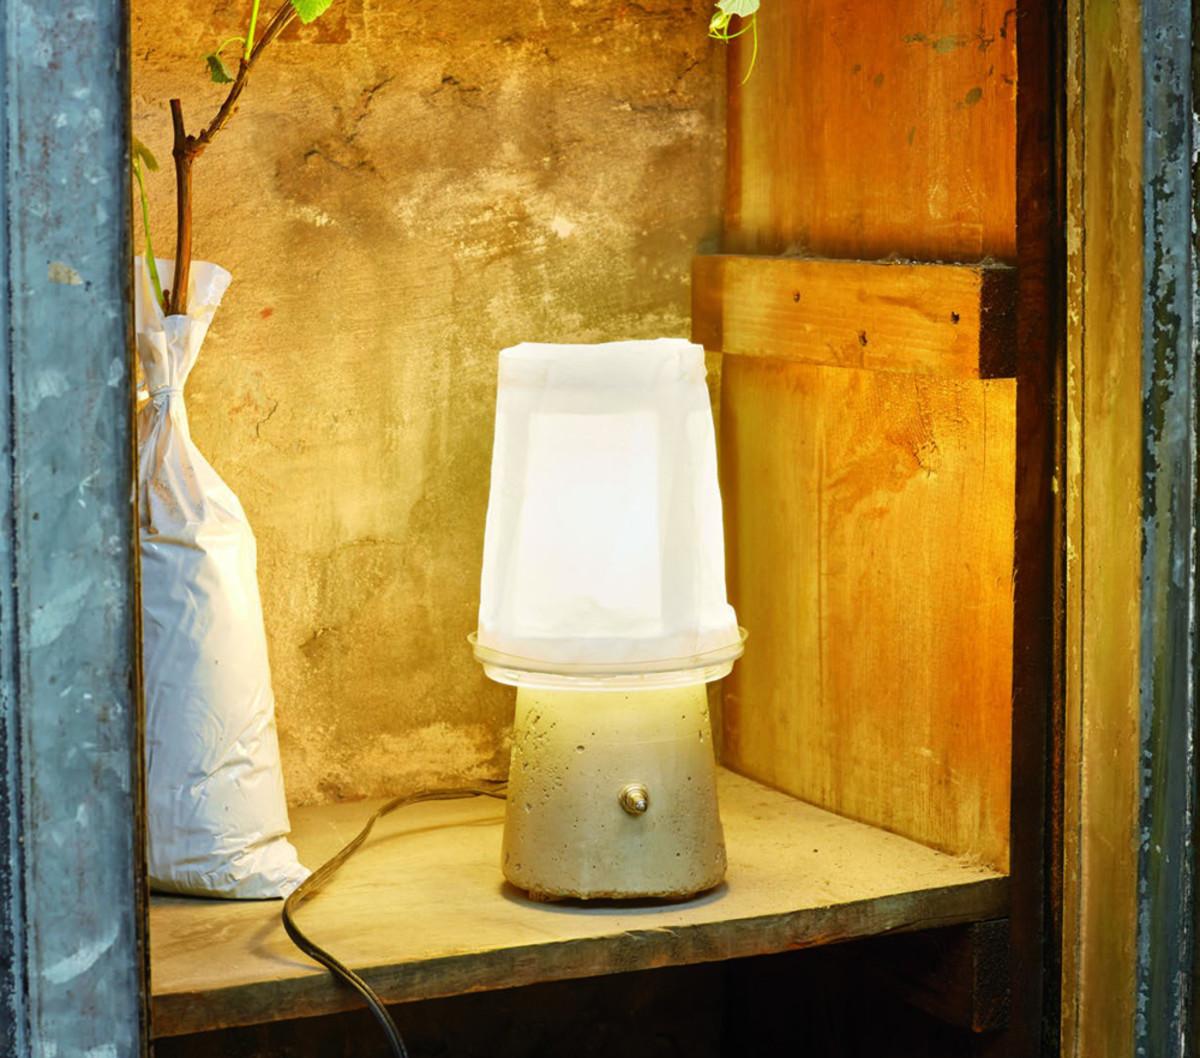 Guerrilla Furniture Design: How to Make Your Own DIY Yogurt Lamp